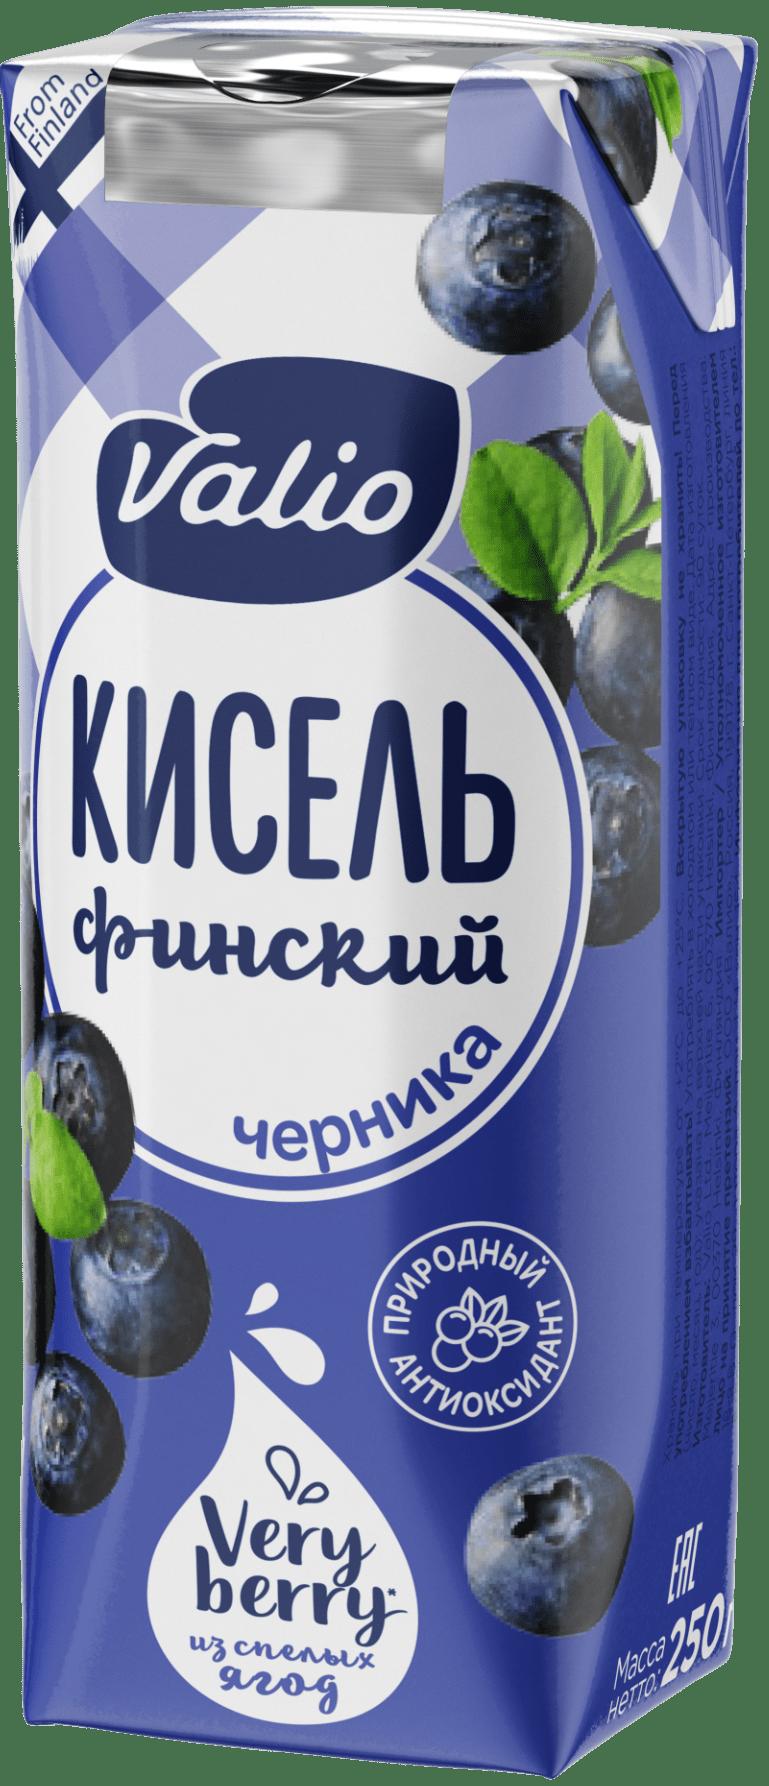 «Кисель Valio» безалкогольный напиток  из черники, обогащенный витамином С, 250 г